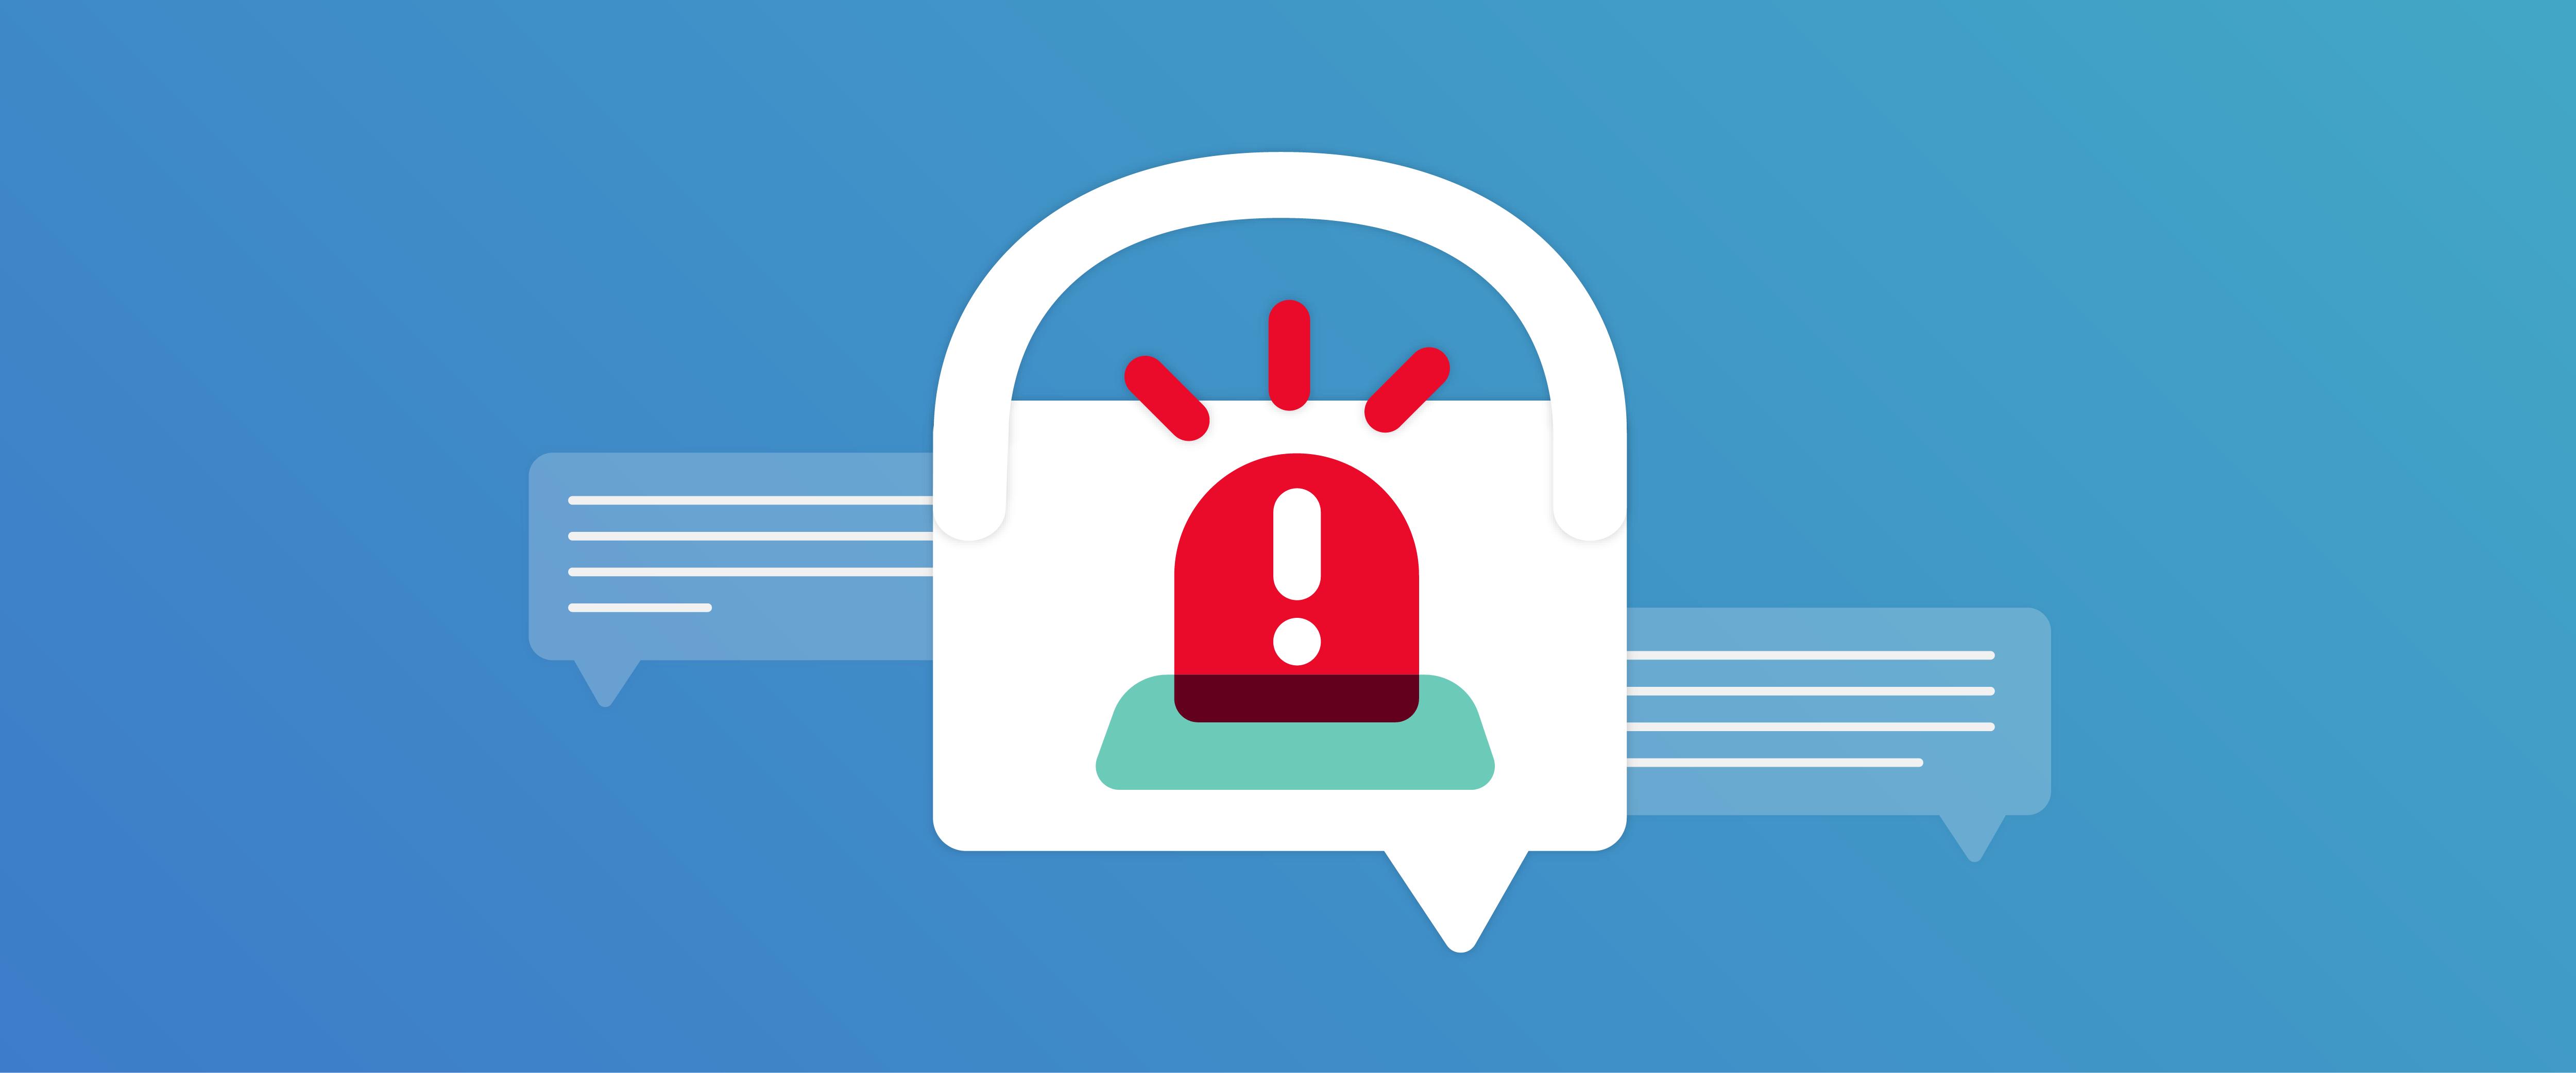 Secure Messaging Enhances Critical Value Alerts